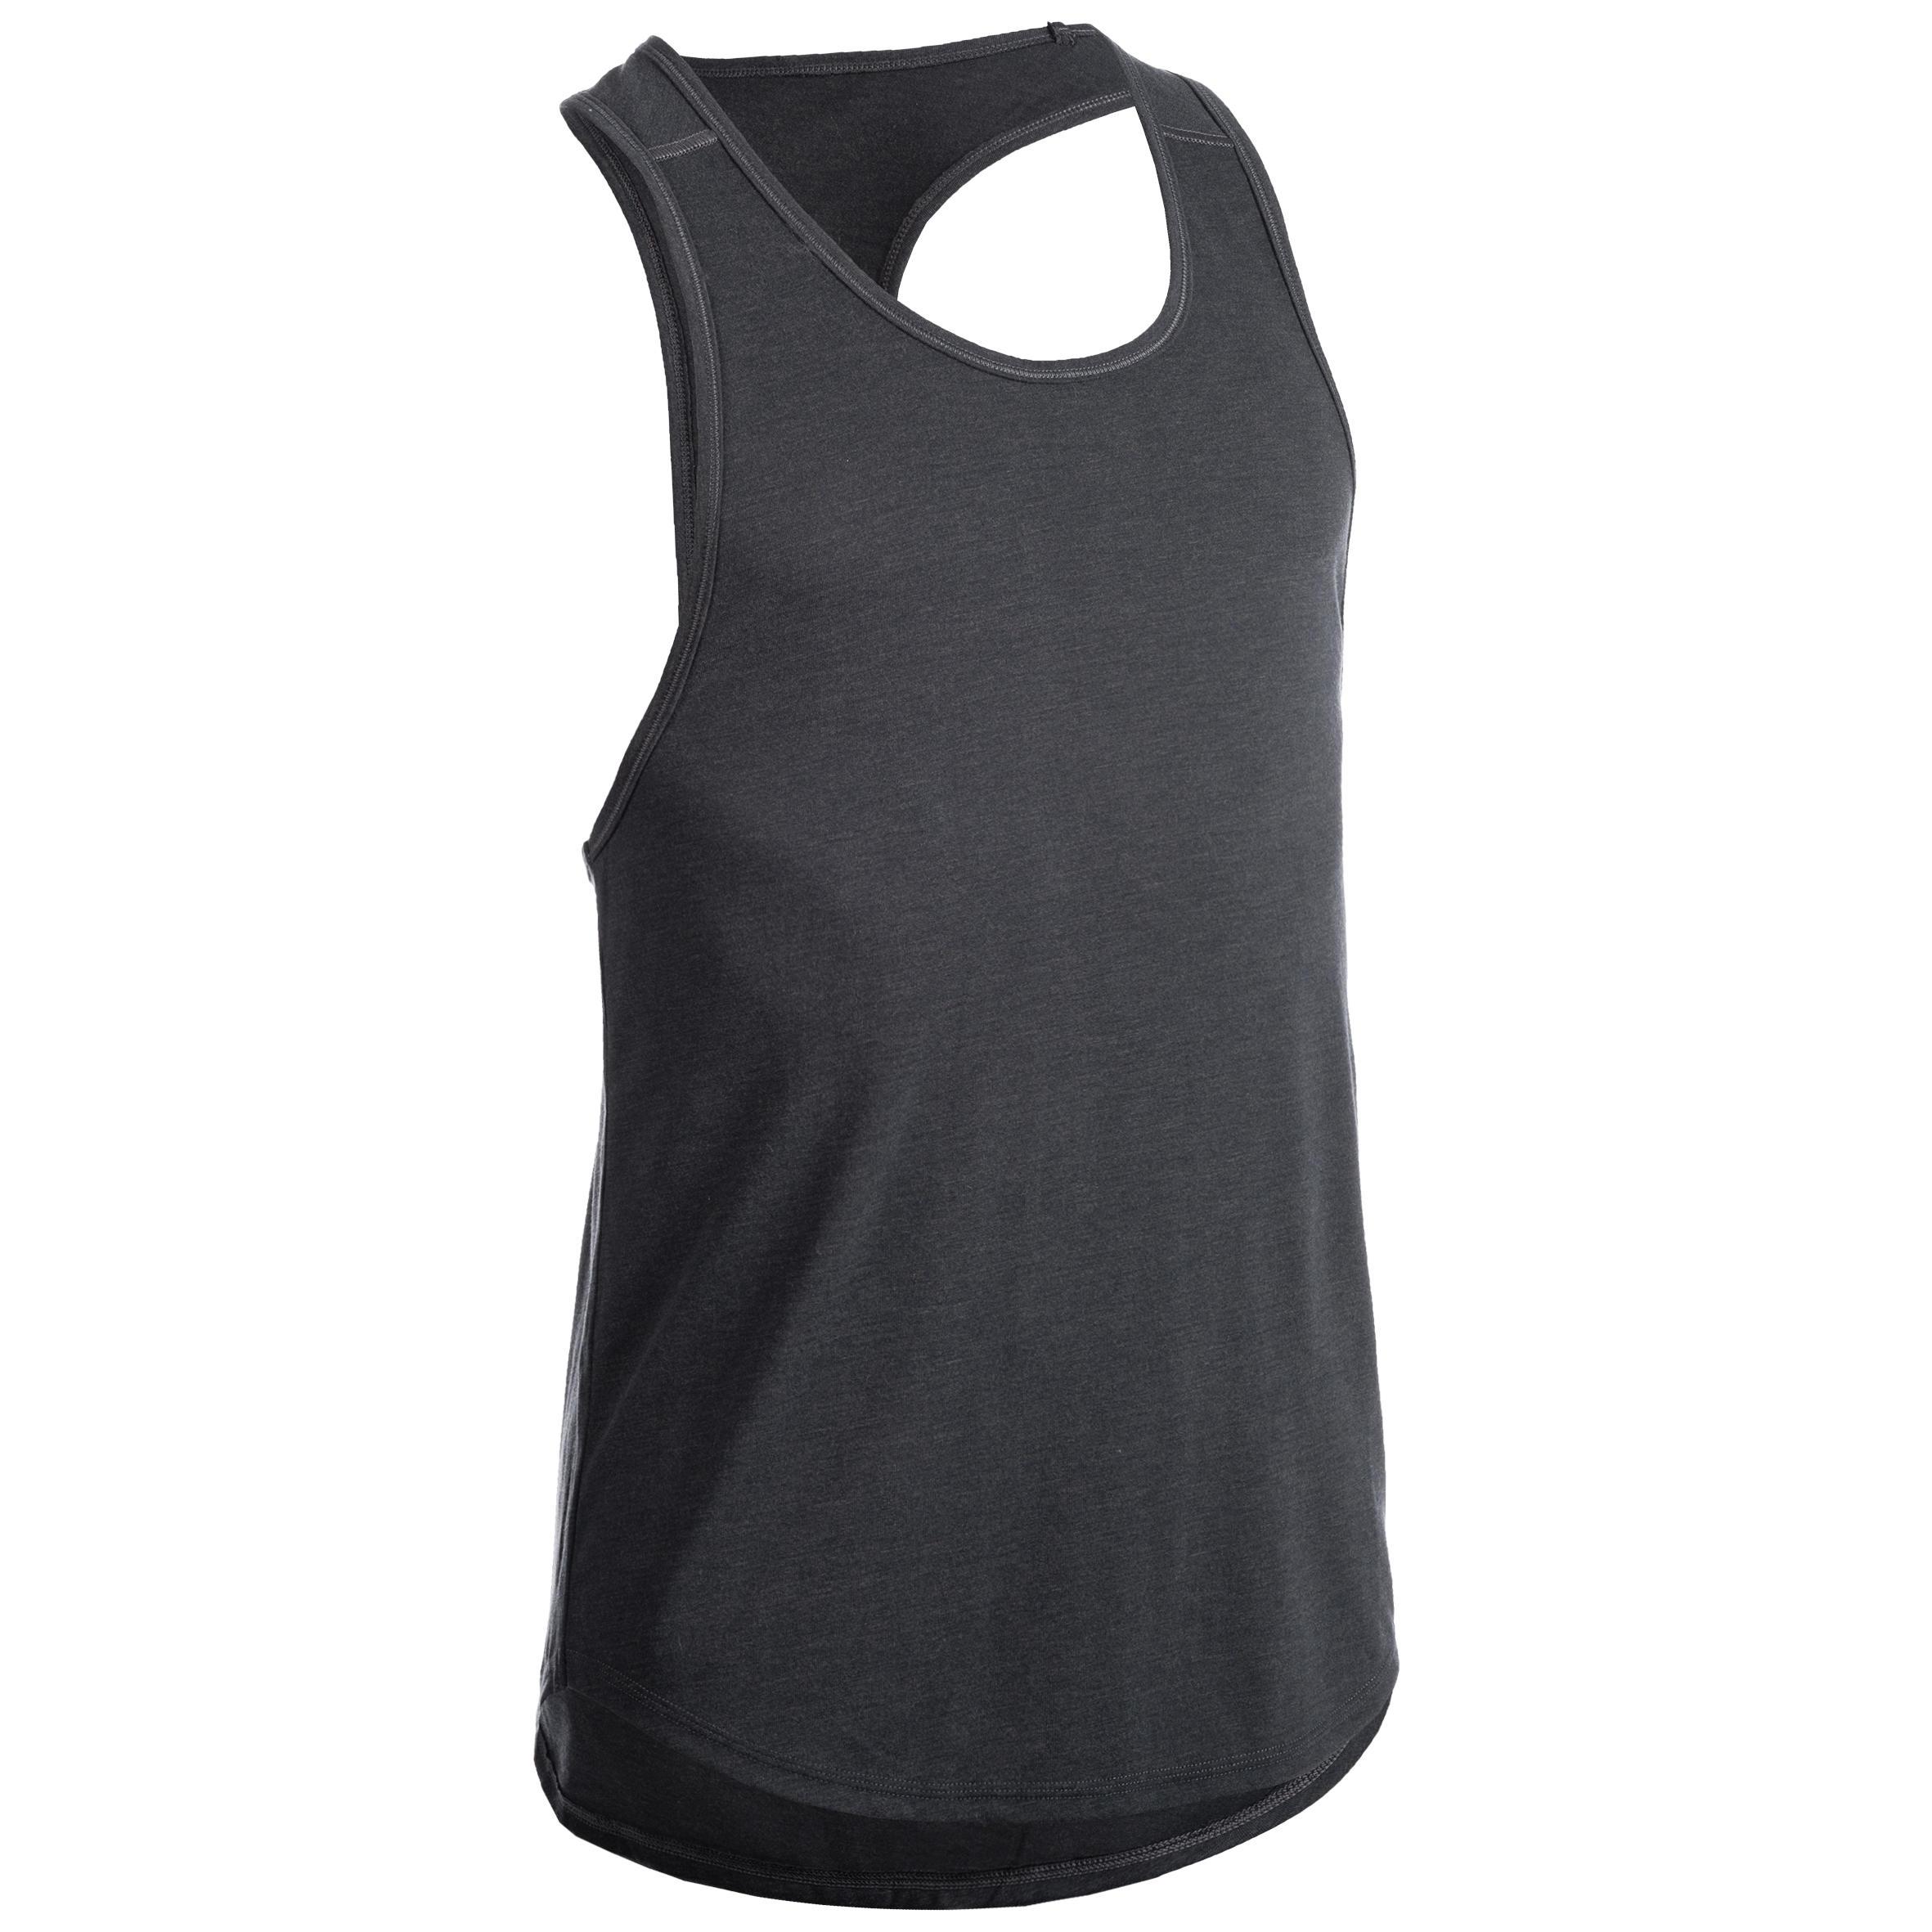 Fitness kleding kopen met voordeel